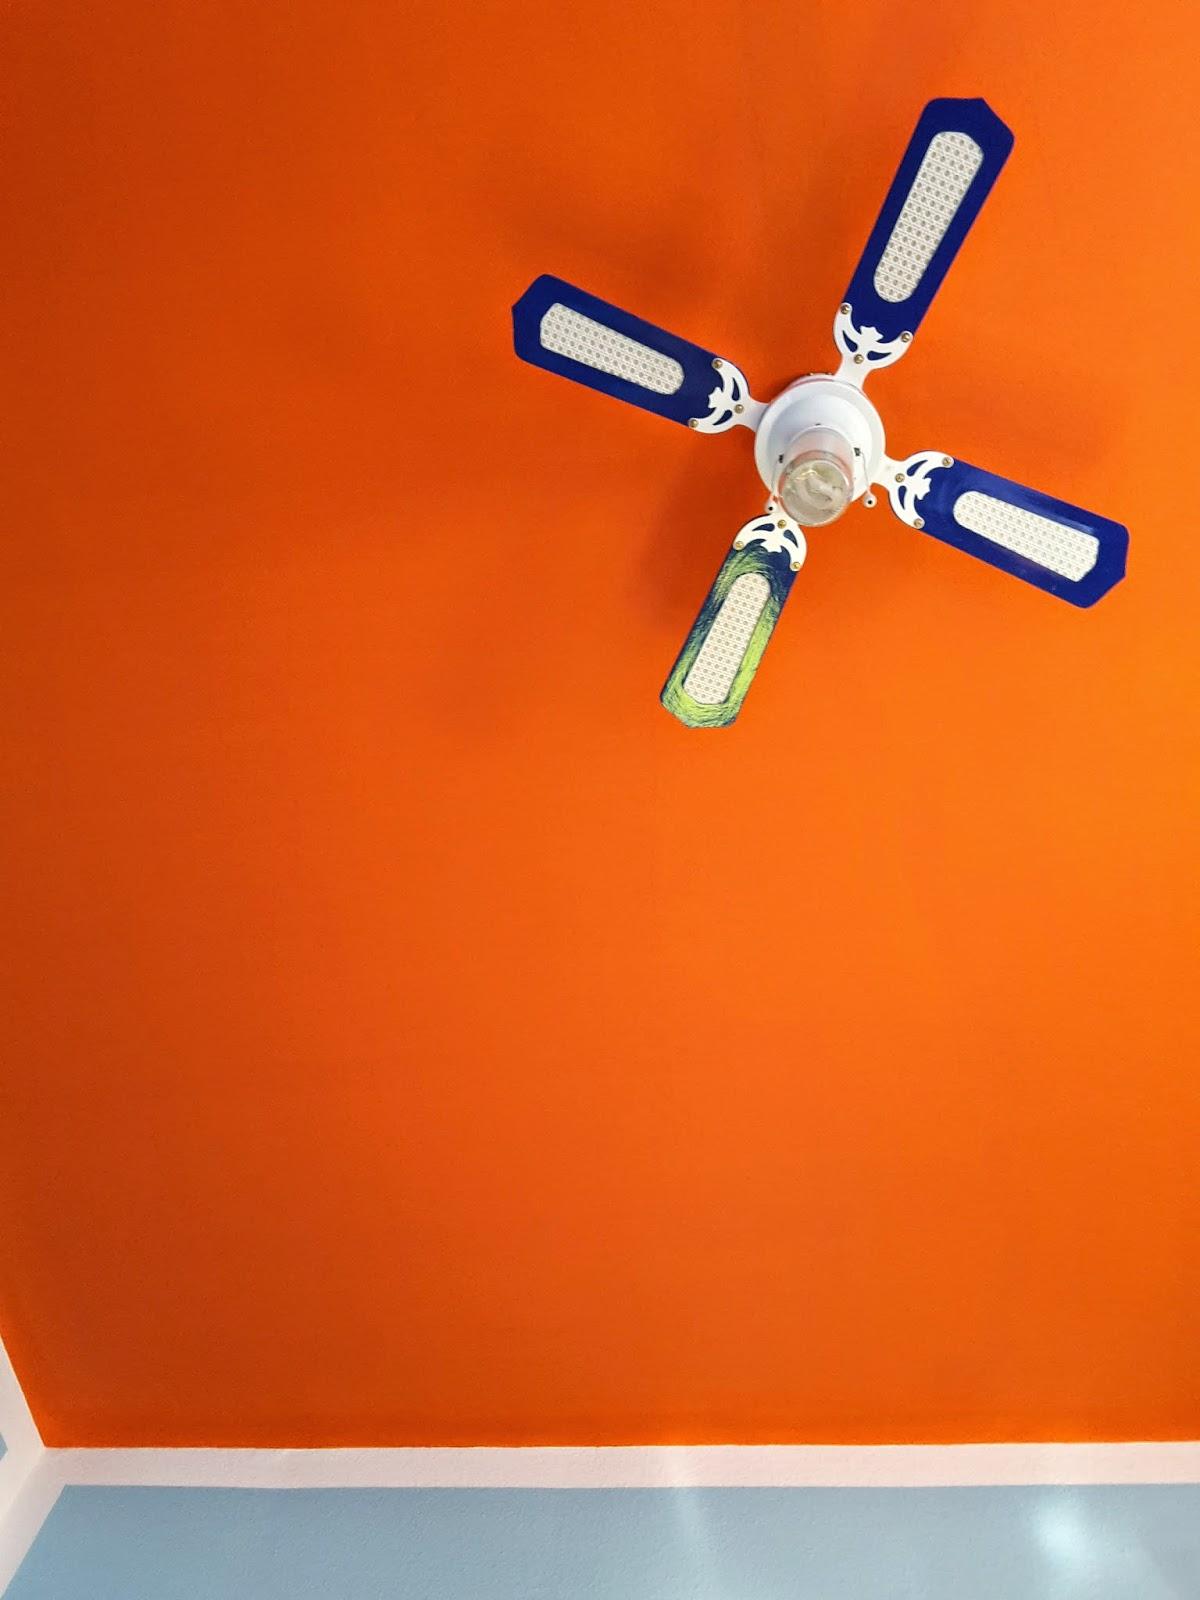 Bild der orangenen Decke des Ateliers, die mit Weiß von den hell-blautürkisen Wänden abesetzt ist. Ein weiß-blauer Deckenventilator sorgt für Luft und Licht.